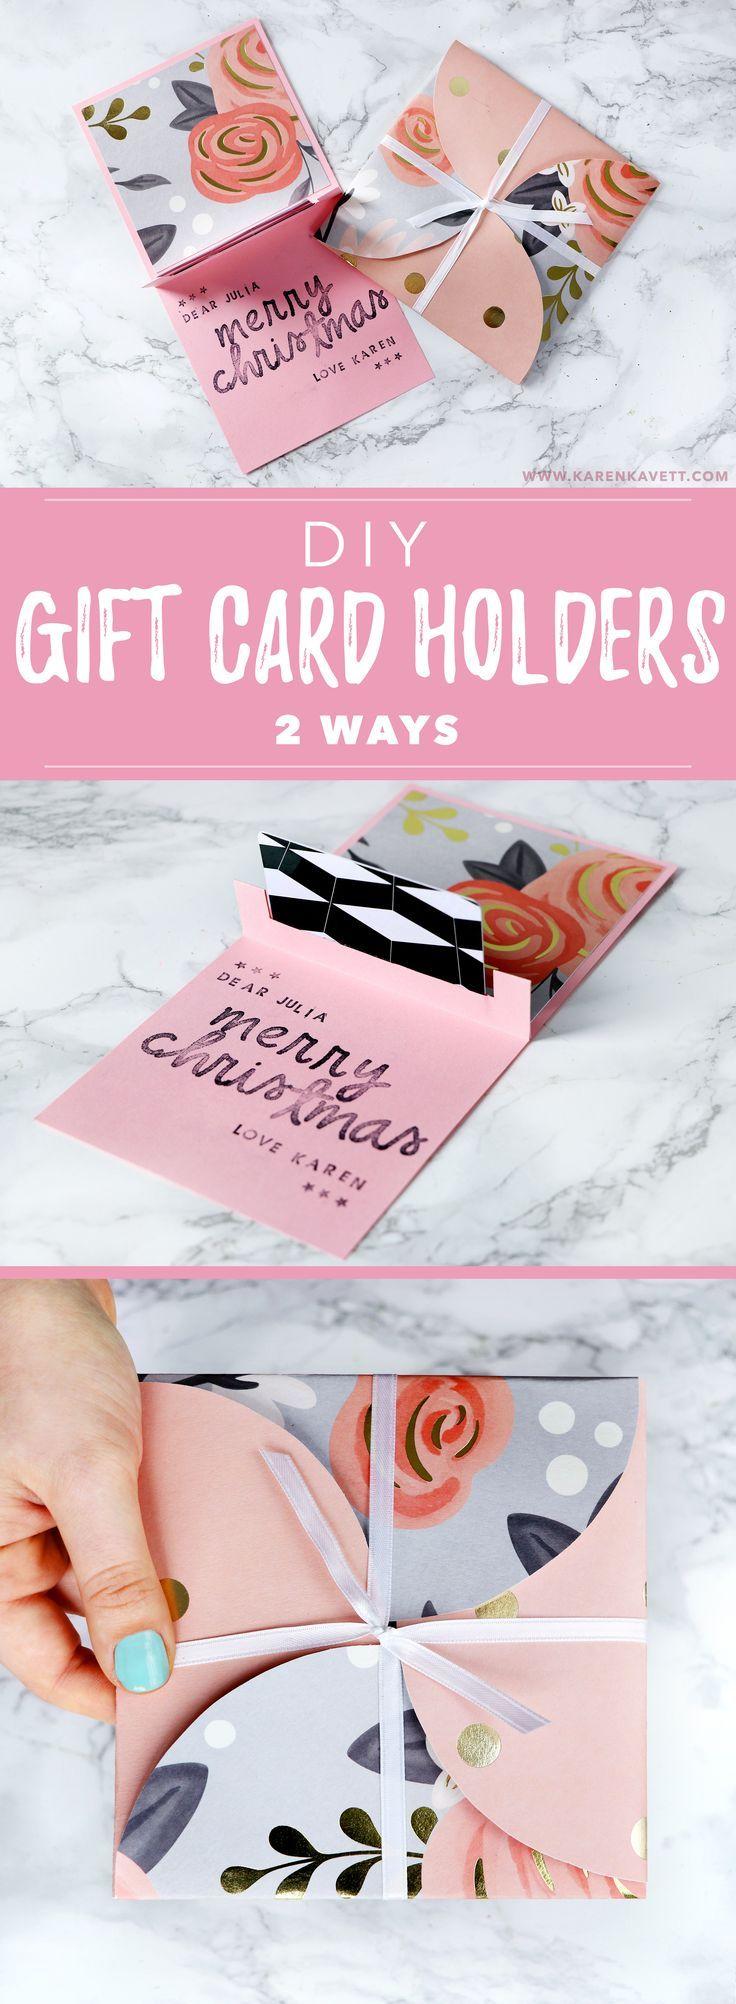 2 Easy DIY Gift Card Holders For Christmas Or Birthday Gifts! |  /karenkavett/